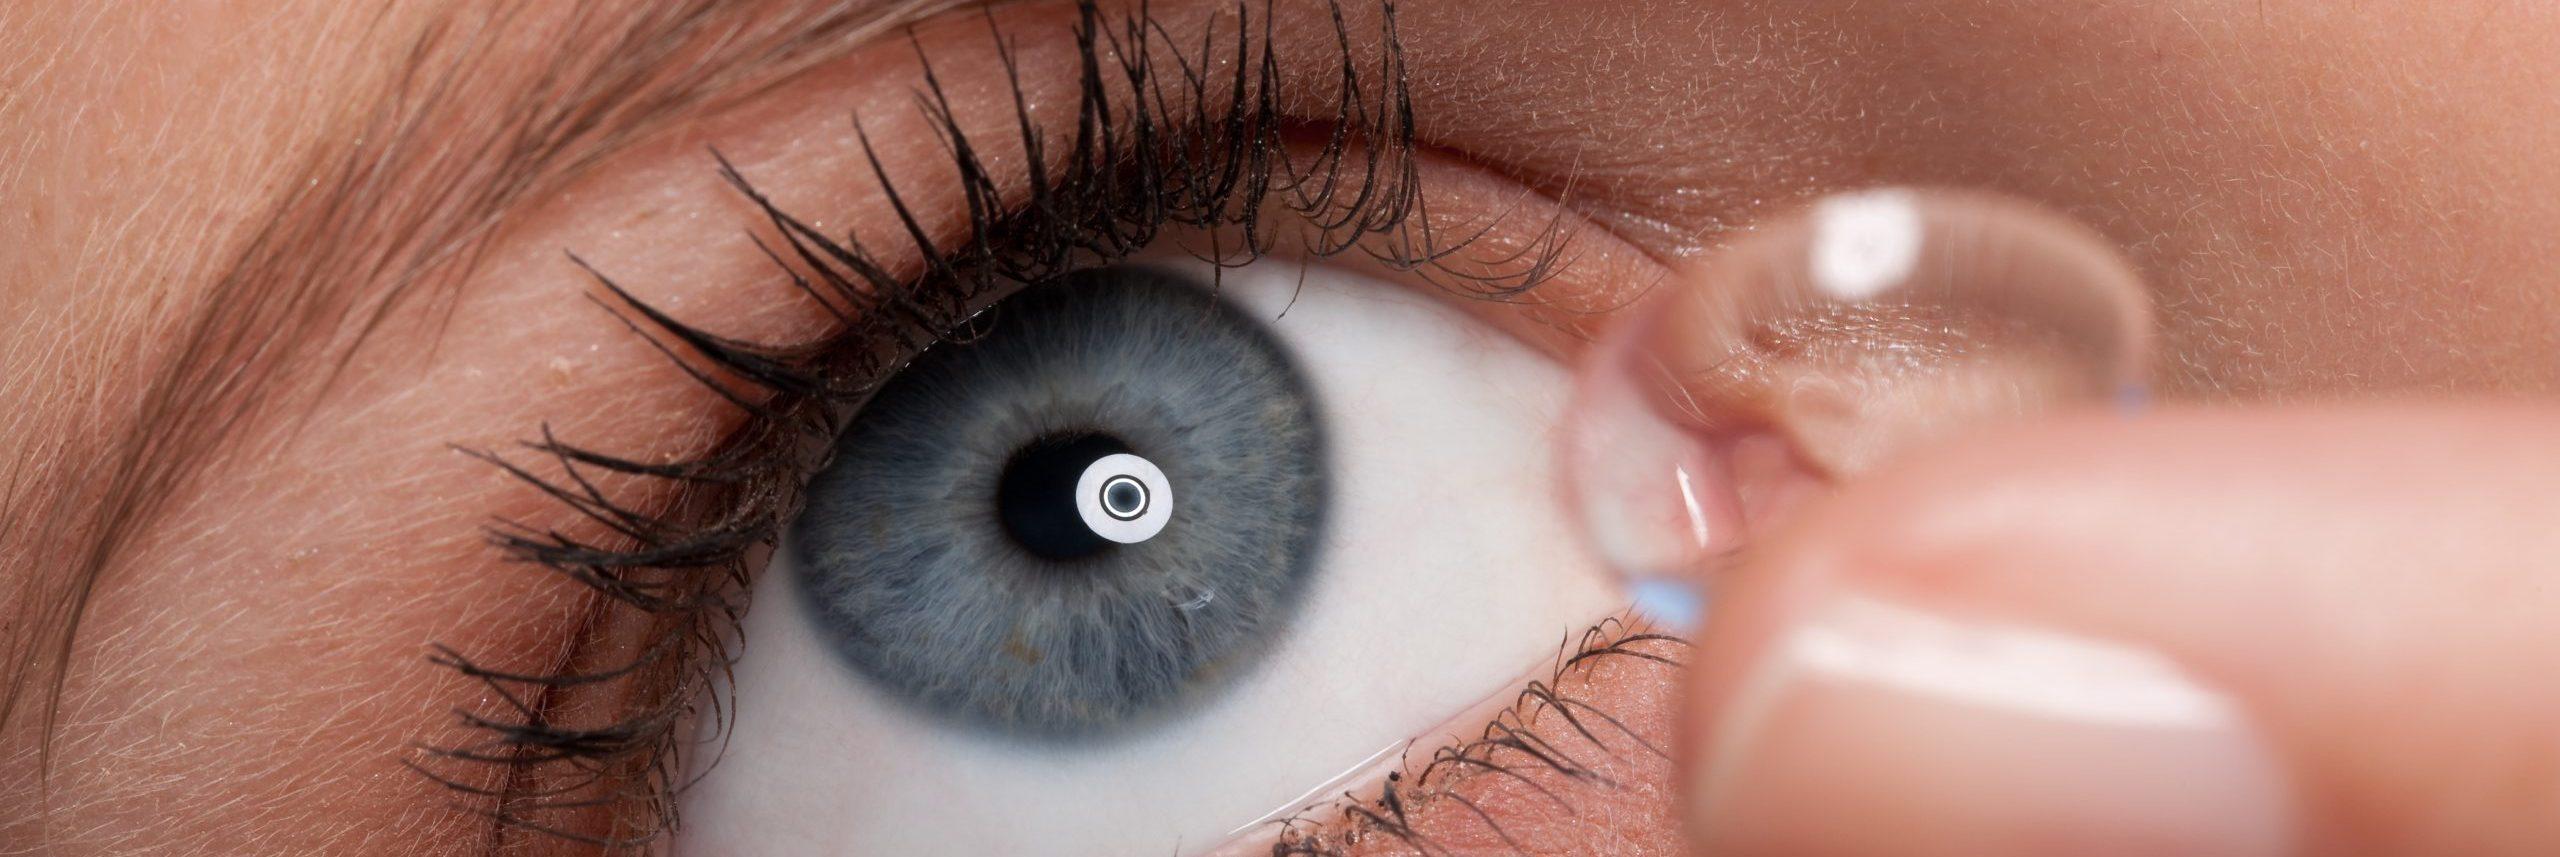 Kontaktlinsen - Anpassung, Flatrate, Wissenswertes